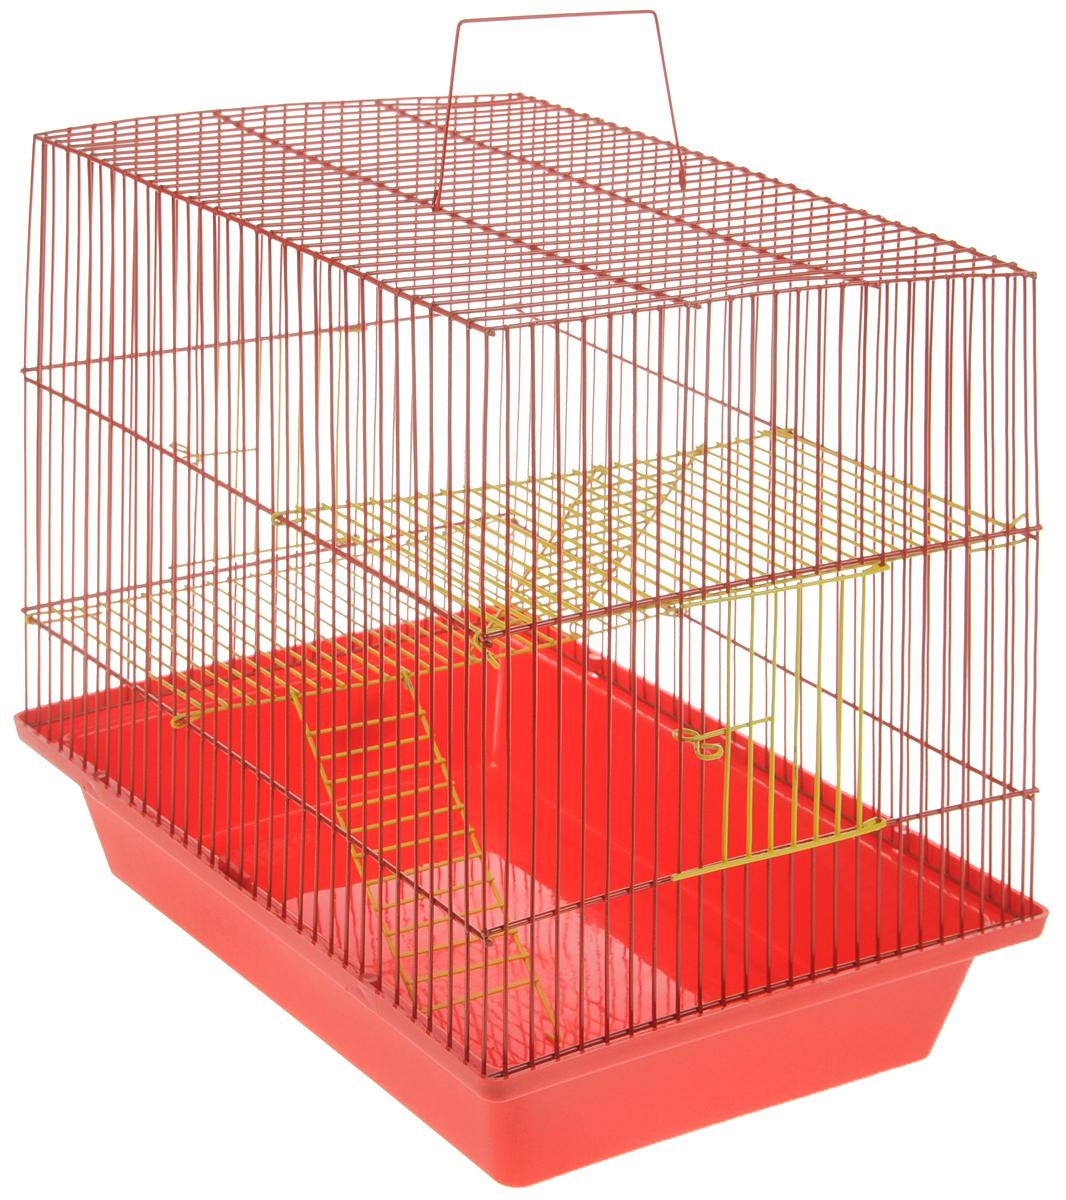 Клетка для грызунов ЗооМарк Гризли, 3-этажная, цвет: красный поддон, красная решетка, желтые этажи, 41 х 30 х 36 см. 230ж230жКККлетка ЗооМарк Гризли, выполненная из полипропилена и металла, подходит для мелких грызунов. Изделие трехэтажное. Клетка имеет яркий поддон, удобна в использовании и легко чистится. Сверху имеется ручка для переноски. Такая клетка станет уединенным личным пространством и уютным домиком для маленького грызуна.